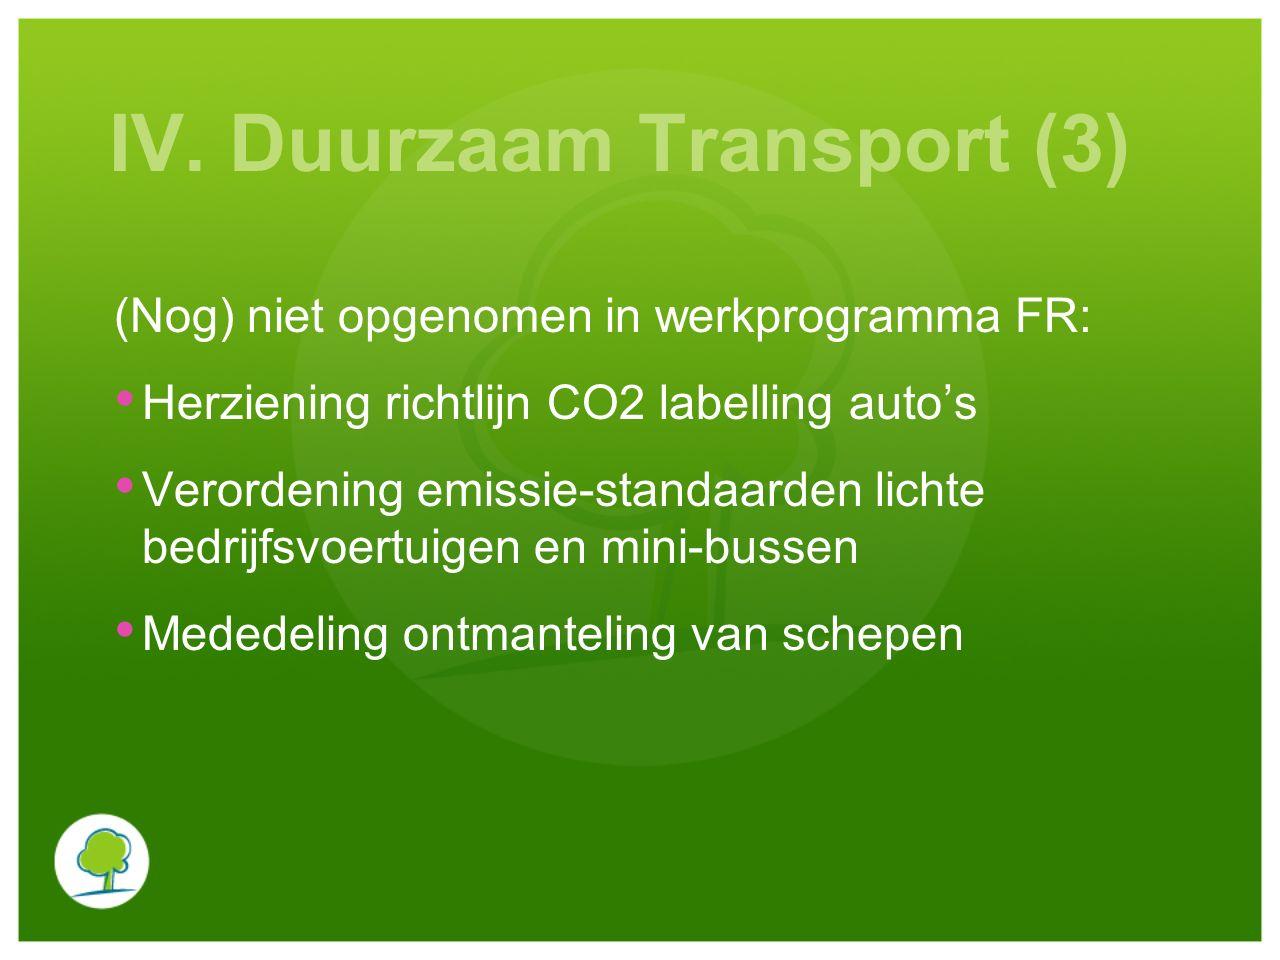 IV. Duurzaam Transport (3) (Nog) niet opgenomen in werkprogramma FR: Herziening richtlijn CO2 labelling auto's Verordening emissie-standaarden lichte